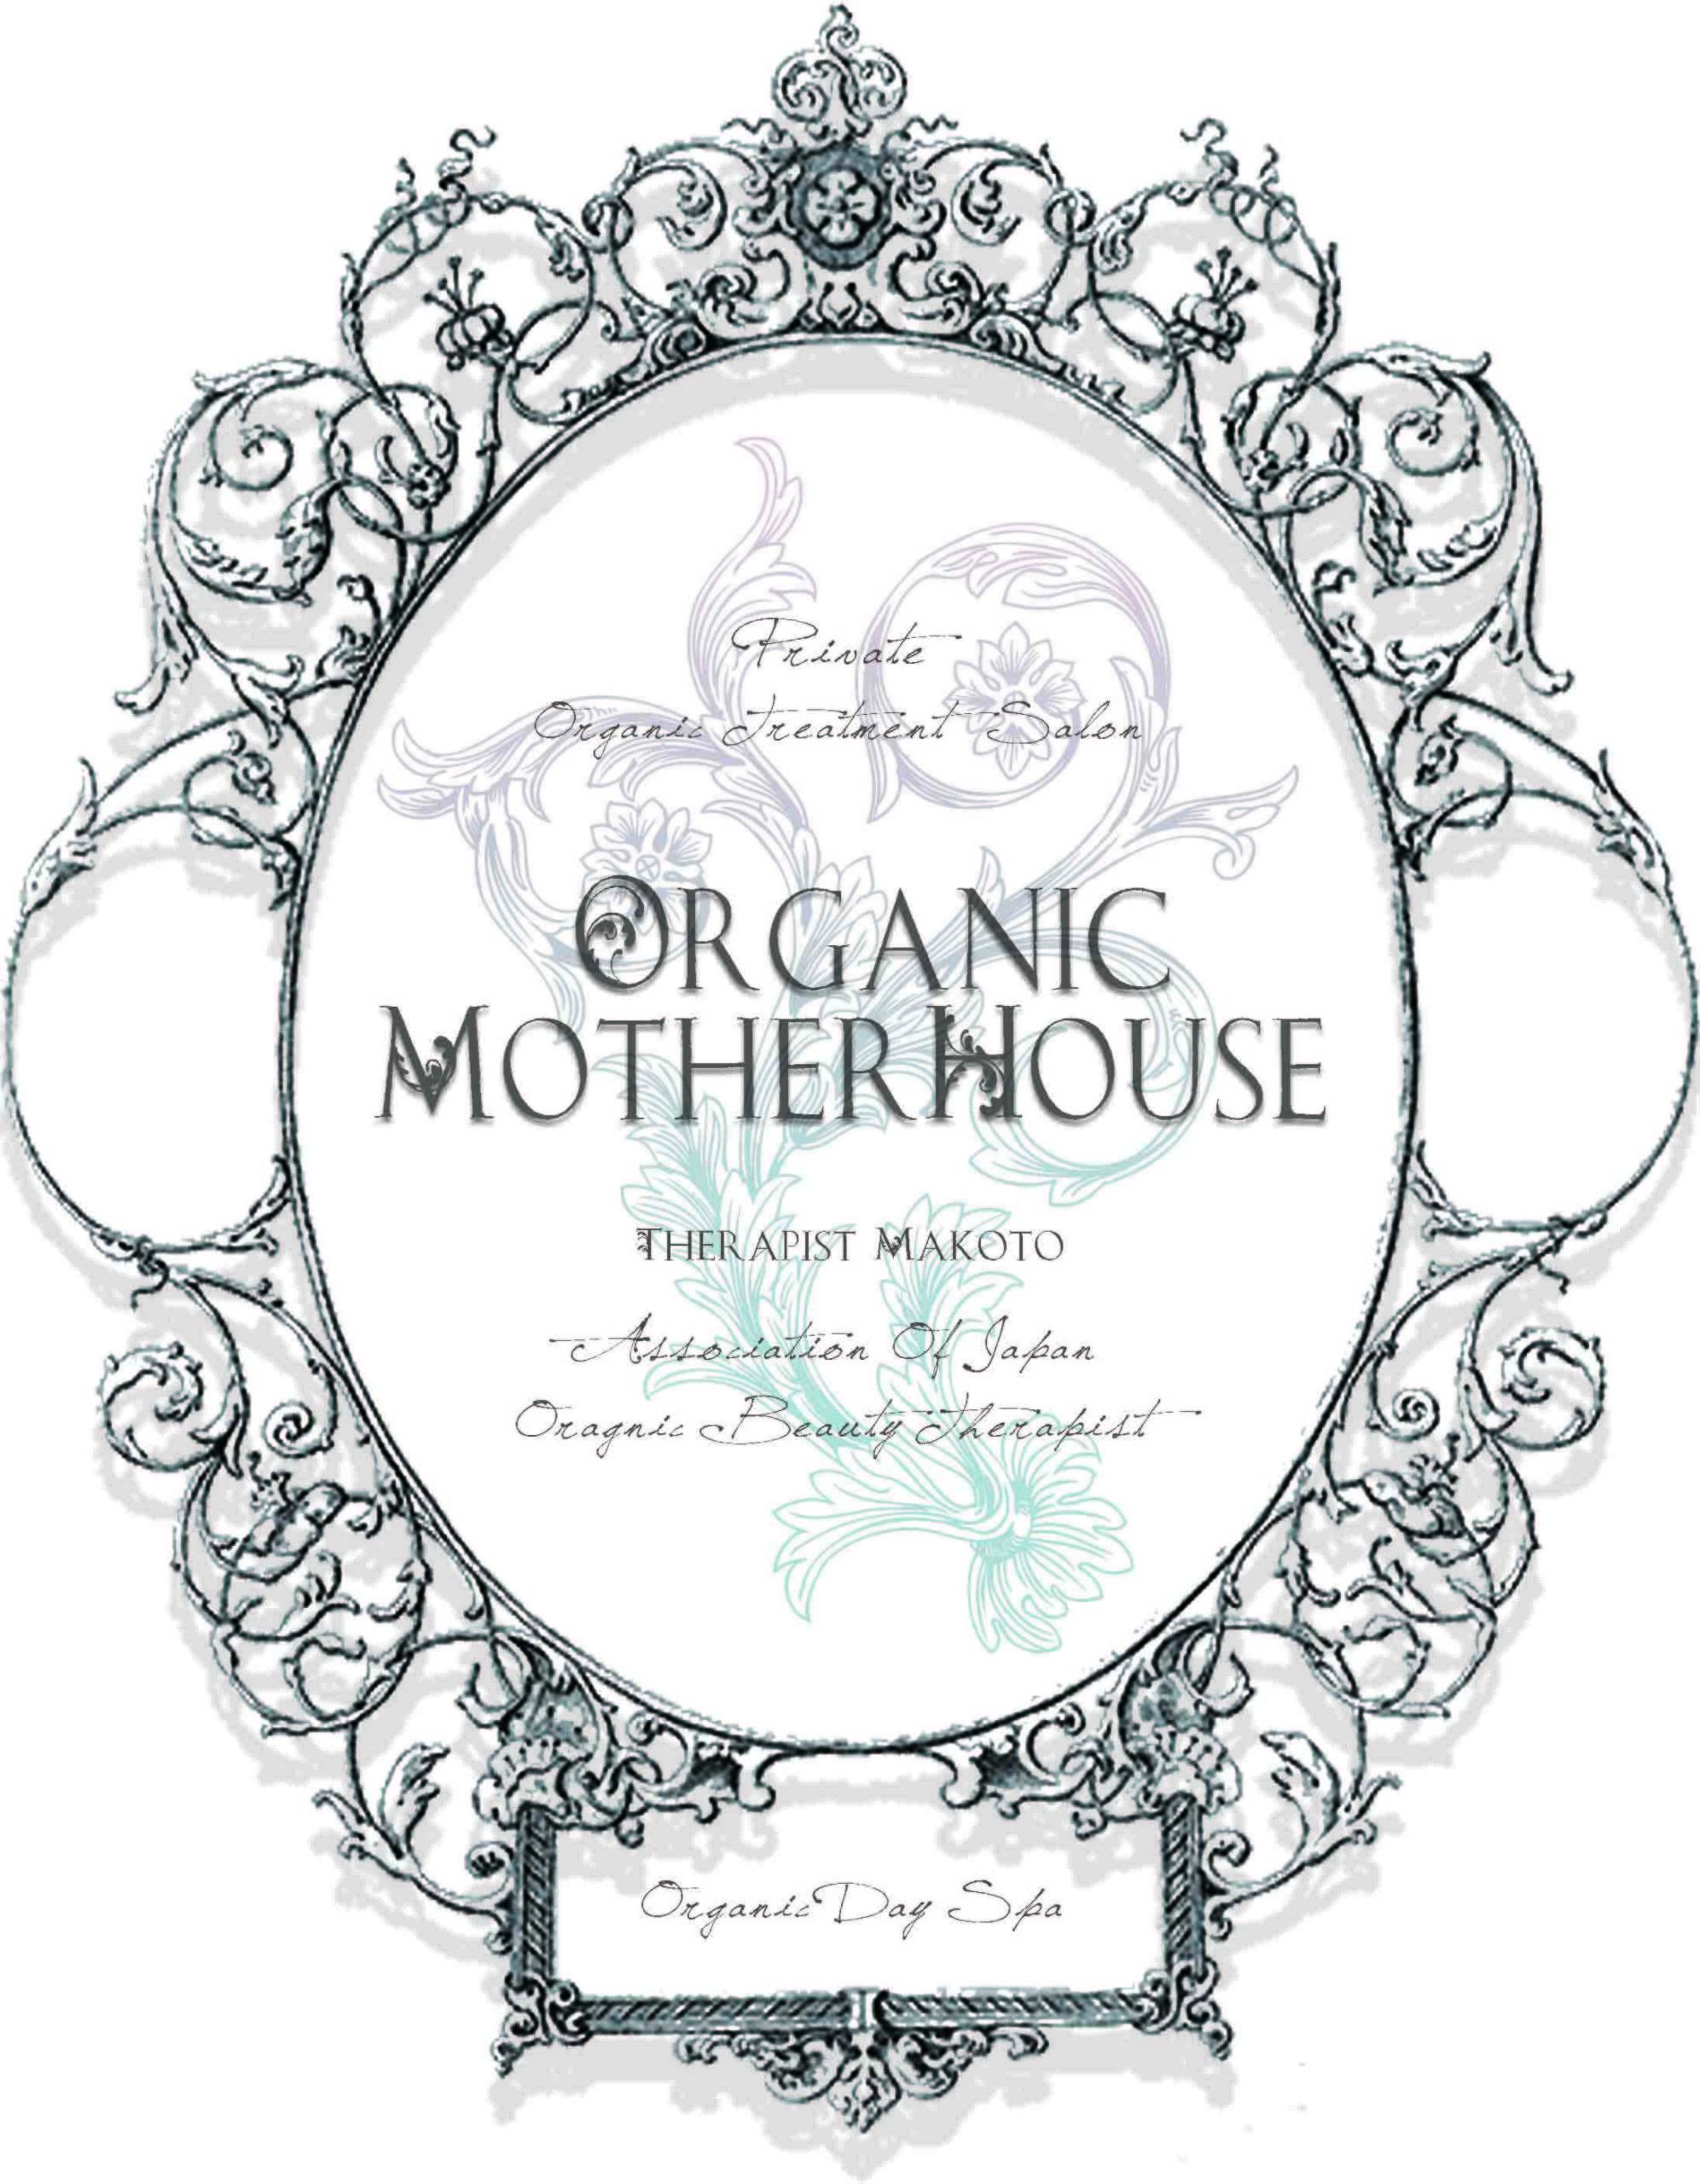 ORGANIC MOTHER HOUSE ligo